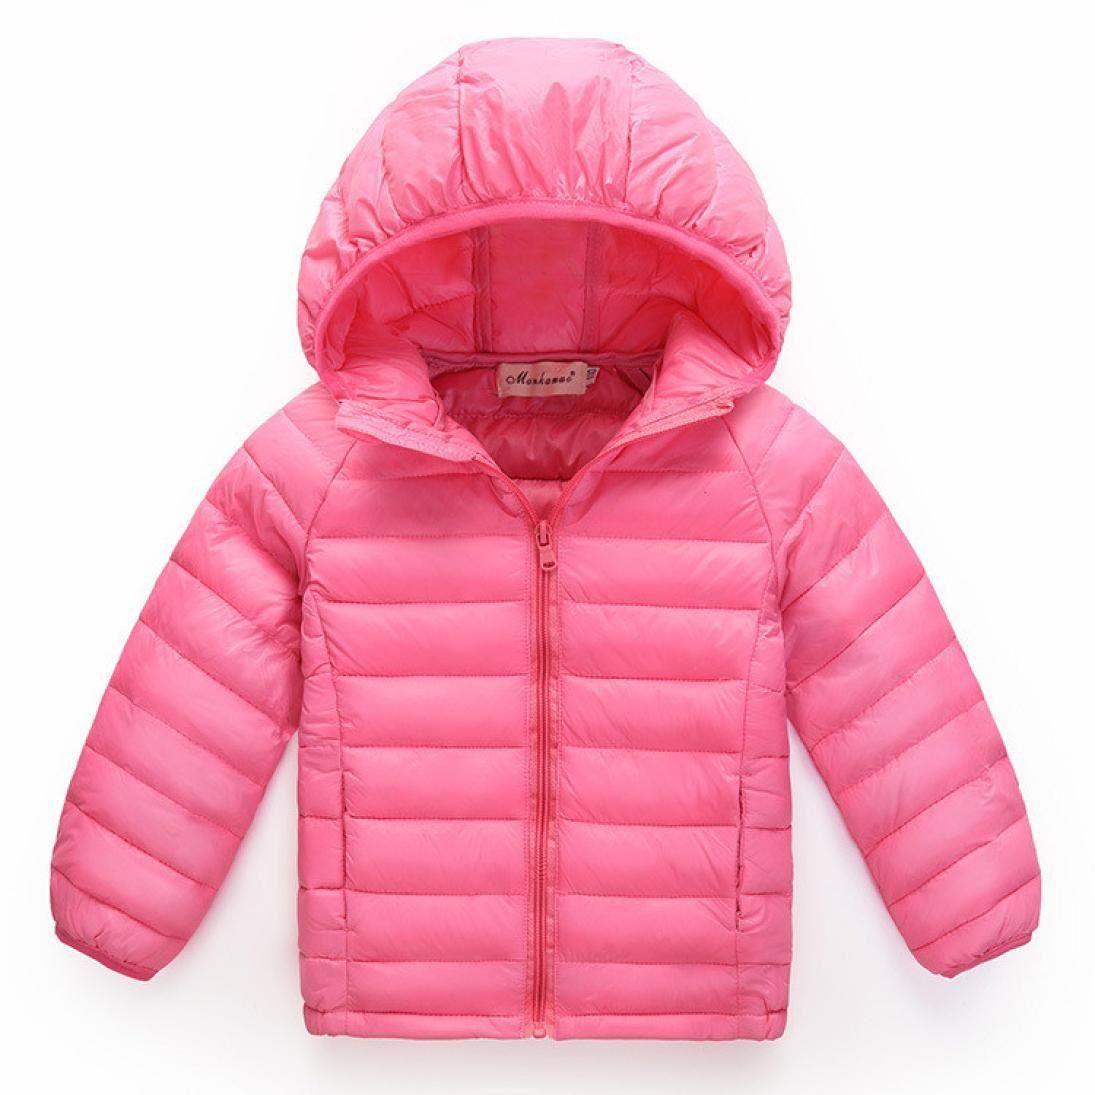 087d781df sleek 3ebd3 53b1c kids down puffer jacket parka girls coat hood ...